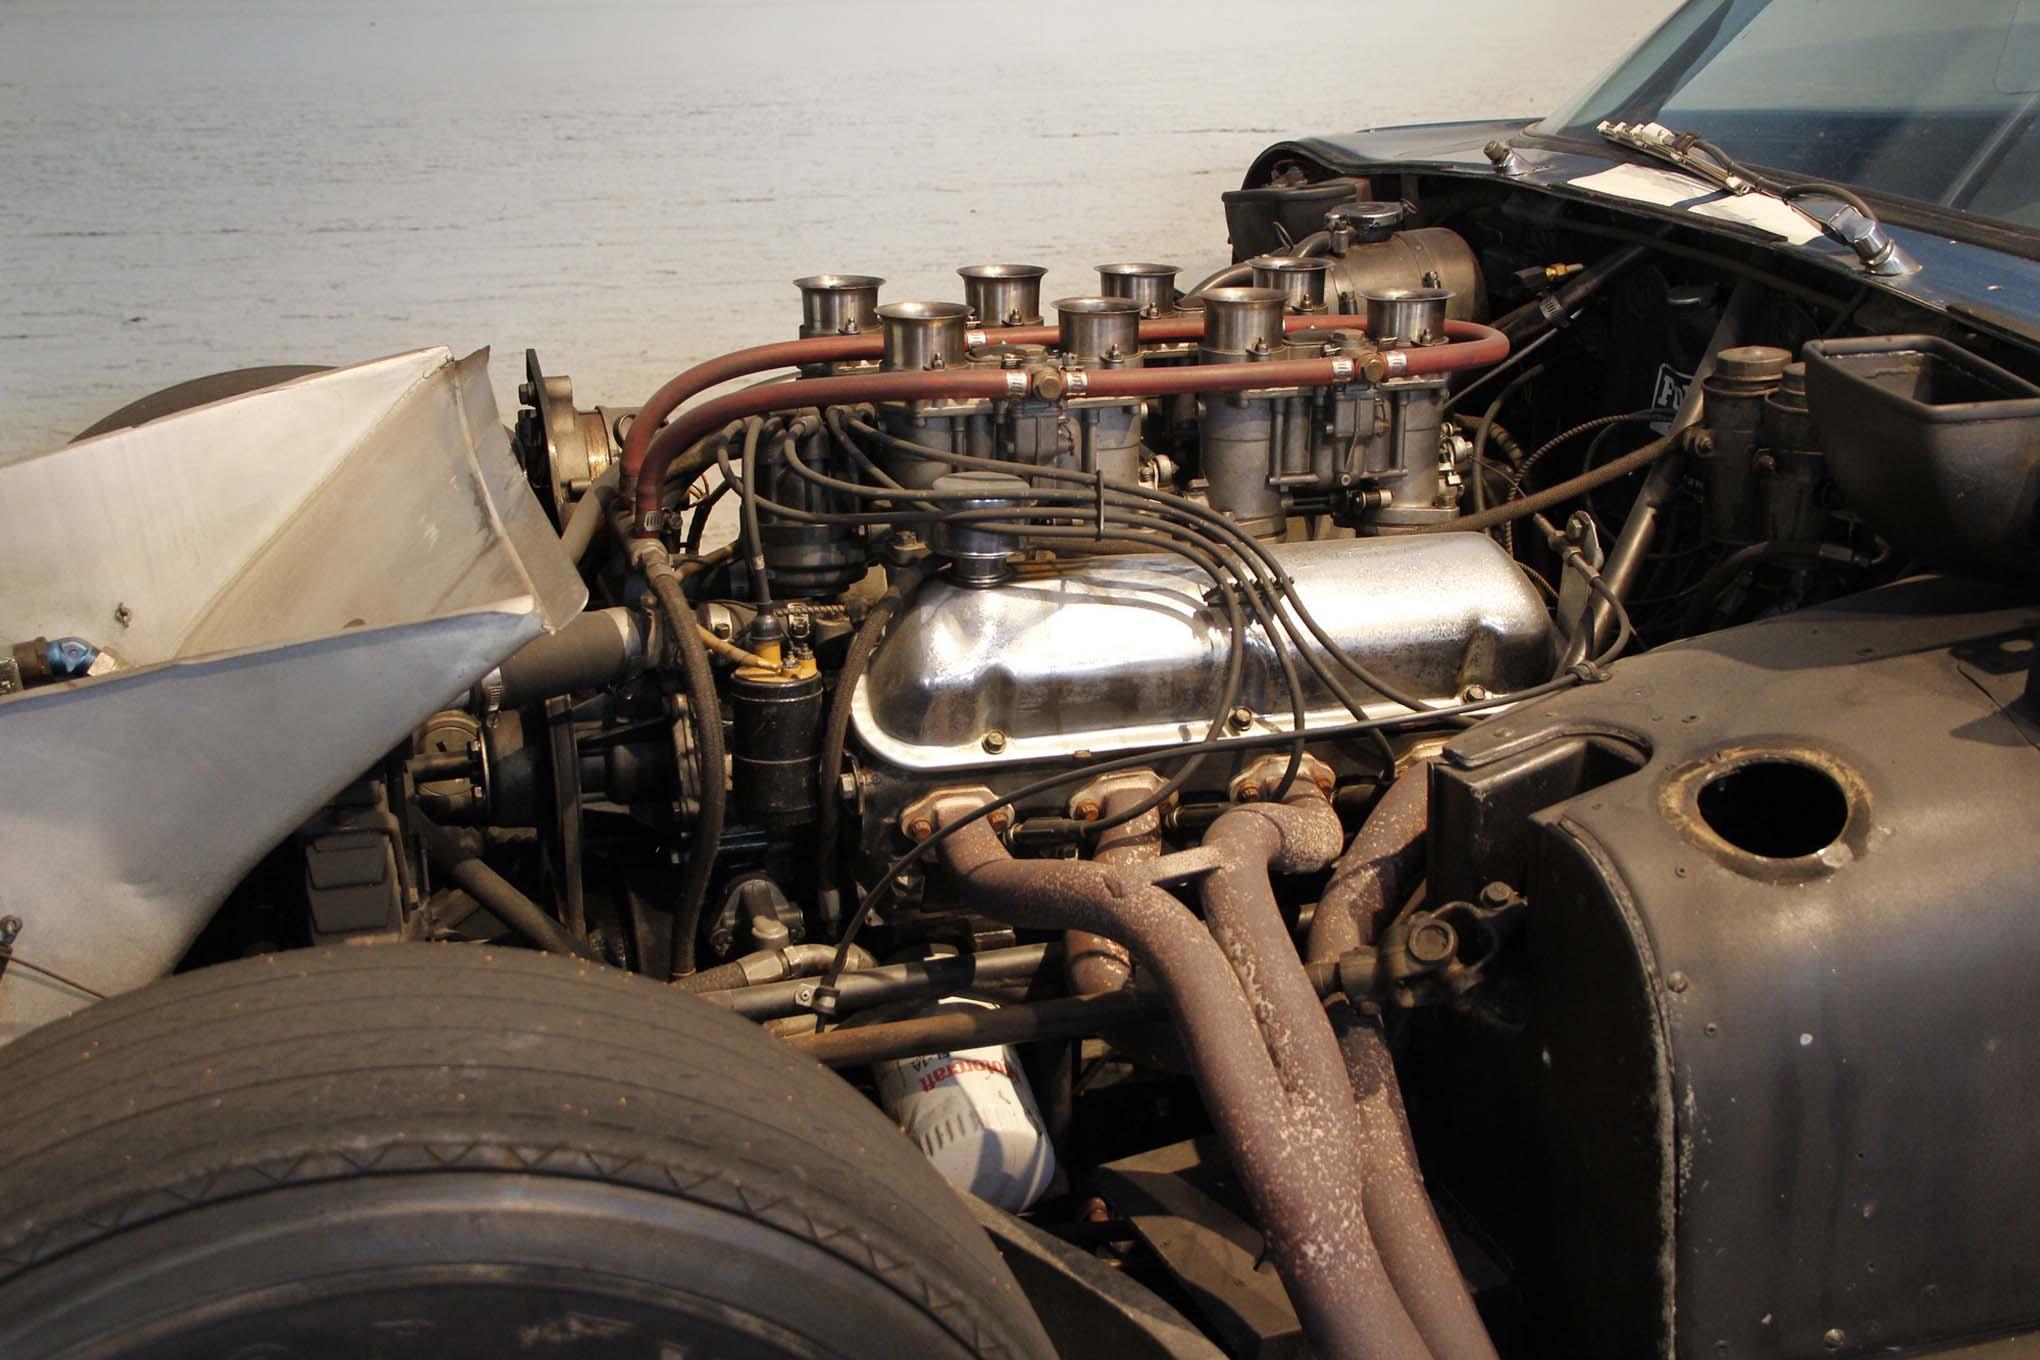 030 Shelby Daytona Coupe Lpr